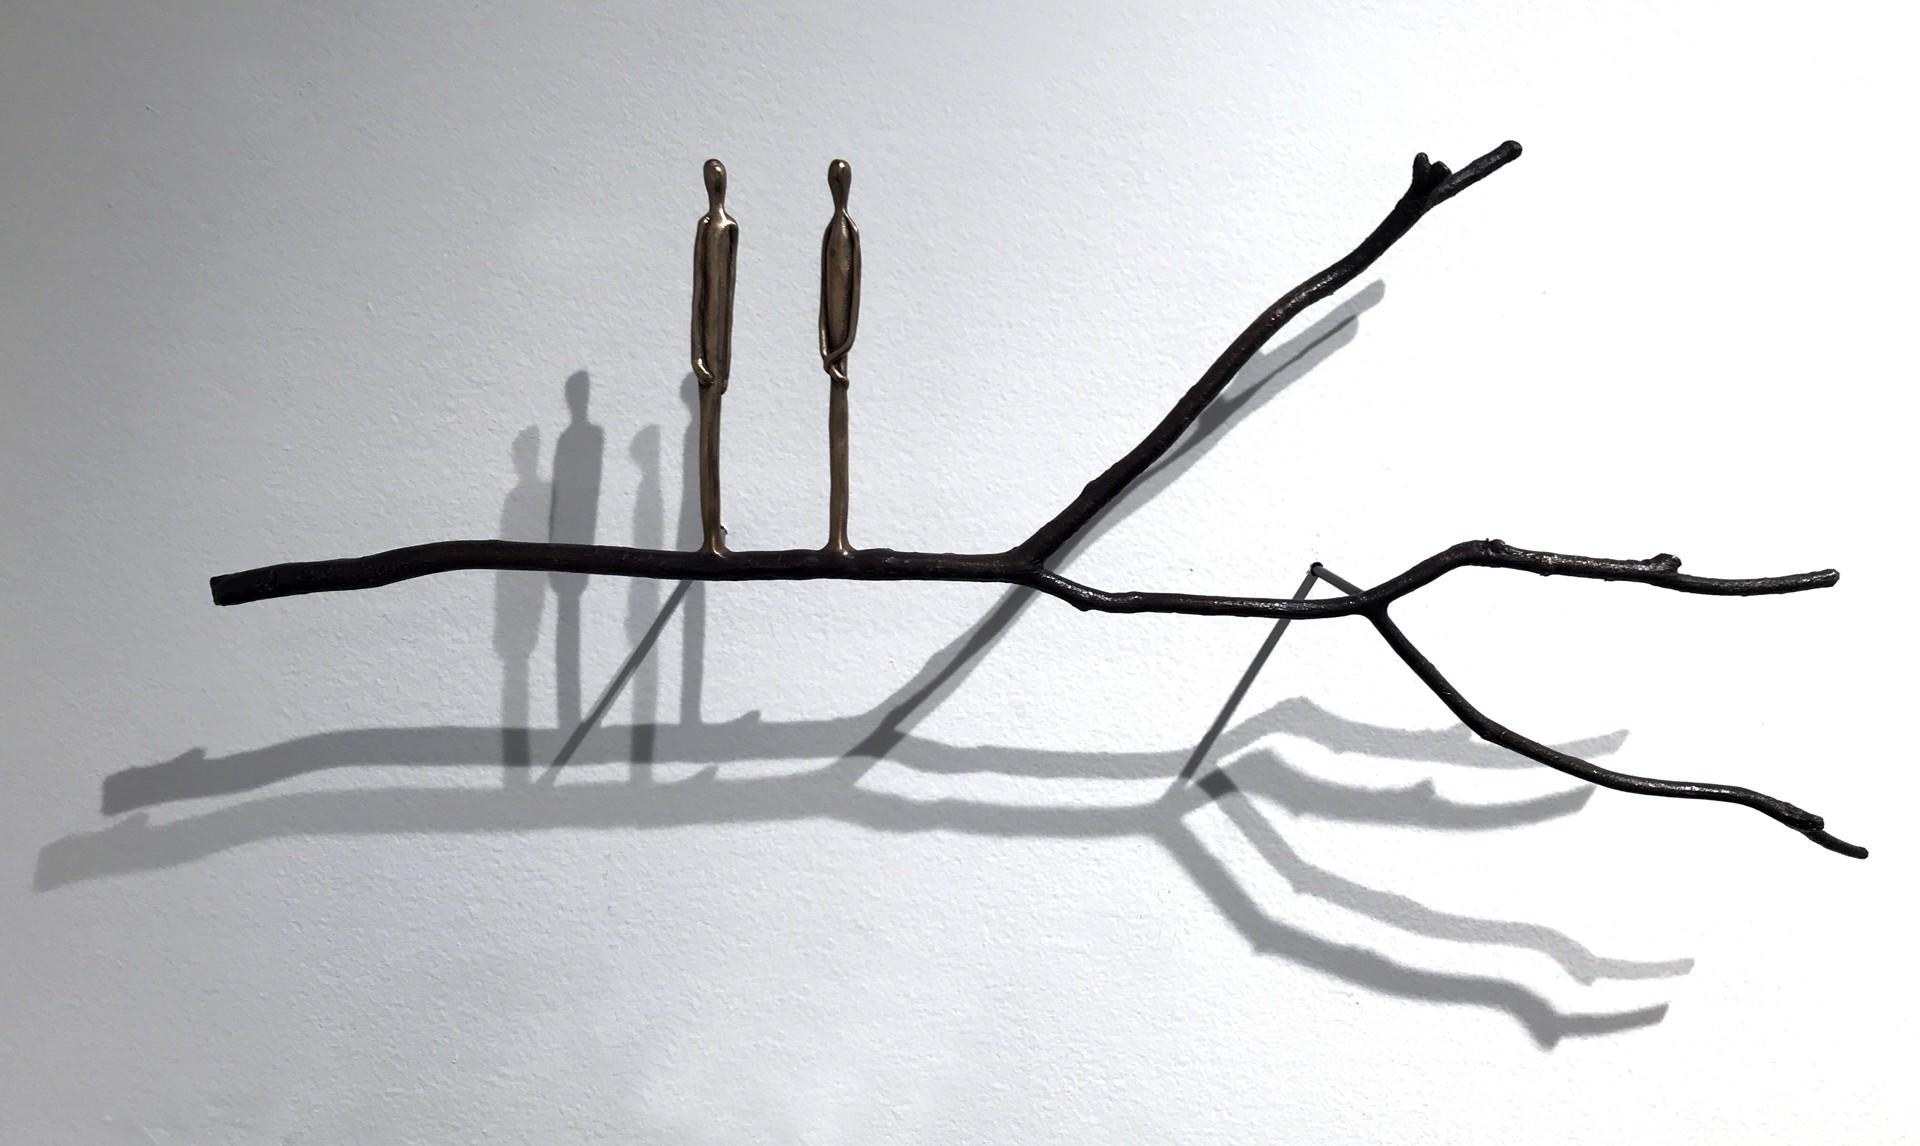 Graft (EB0) by Jennyfer Stratman